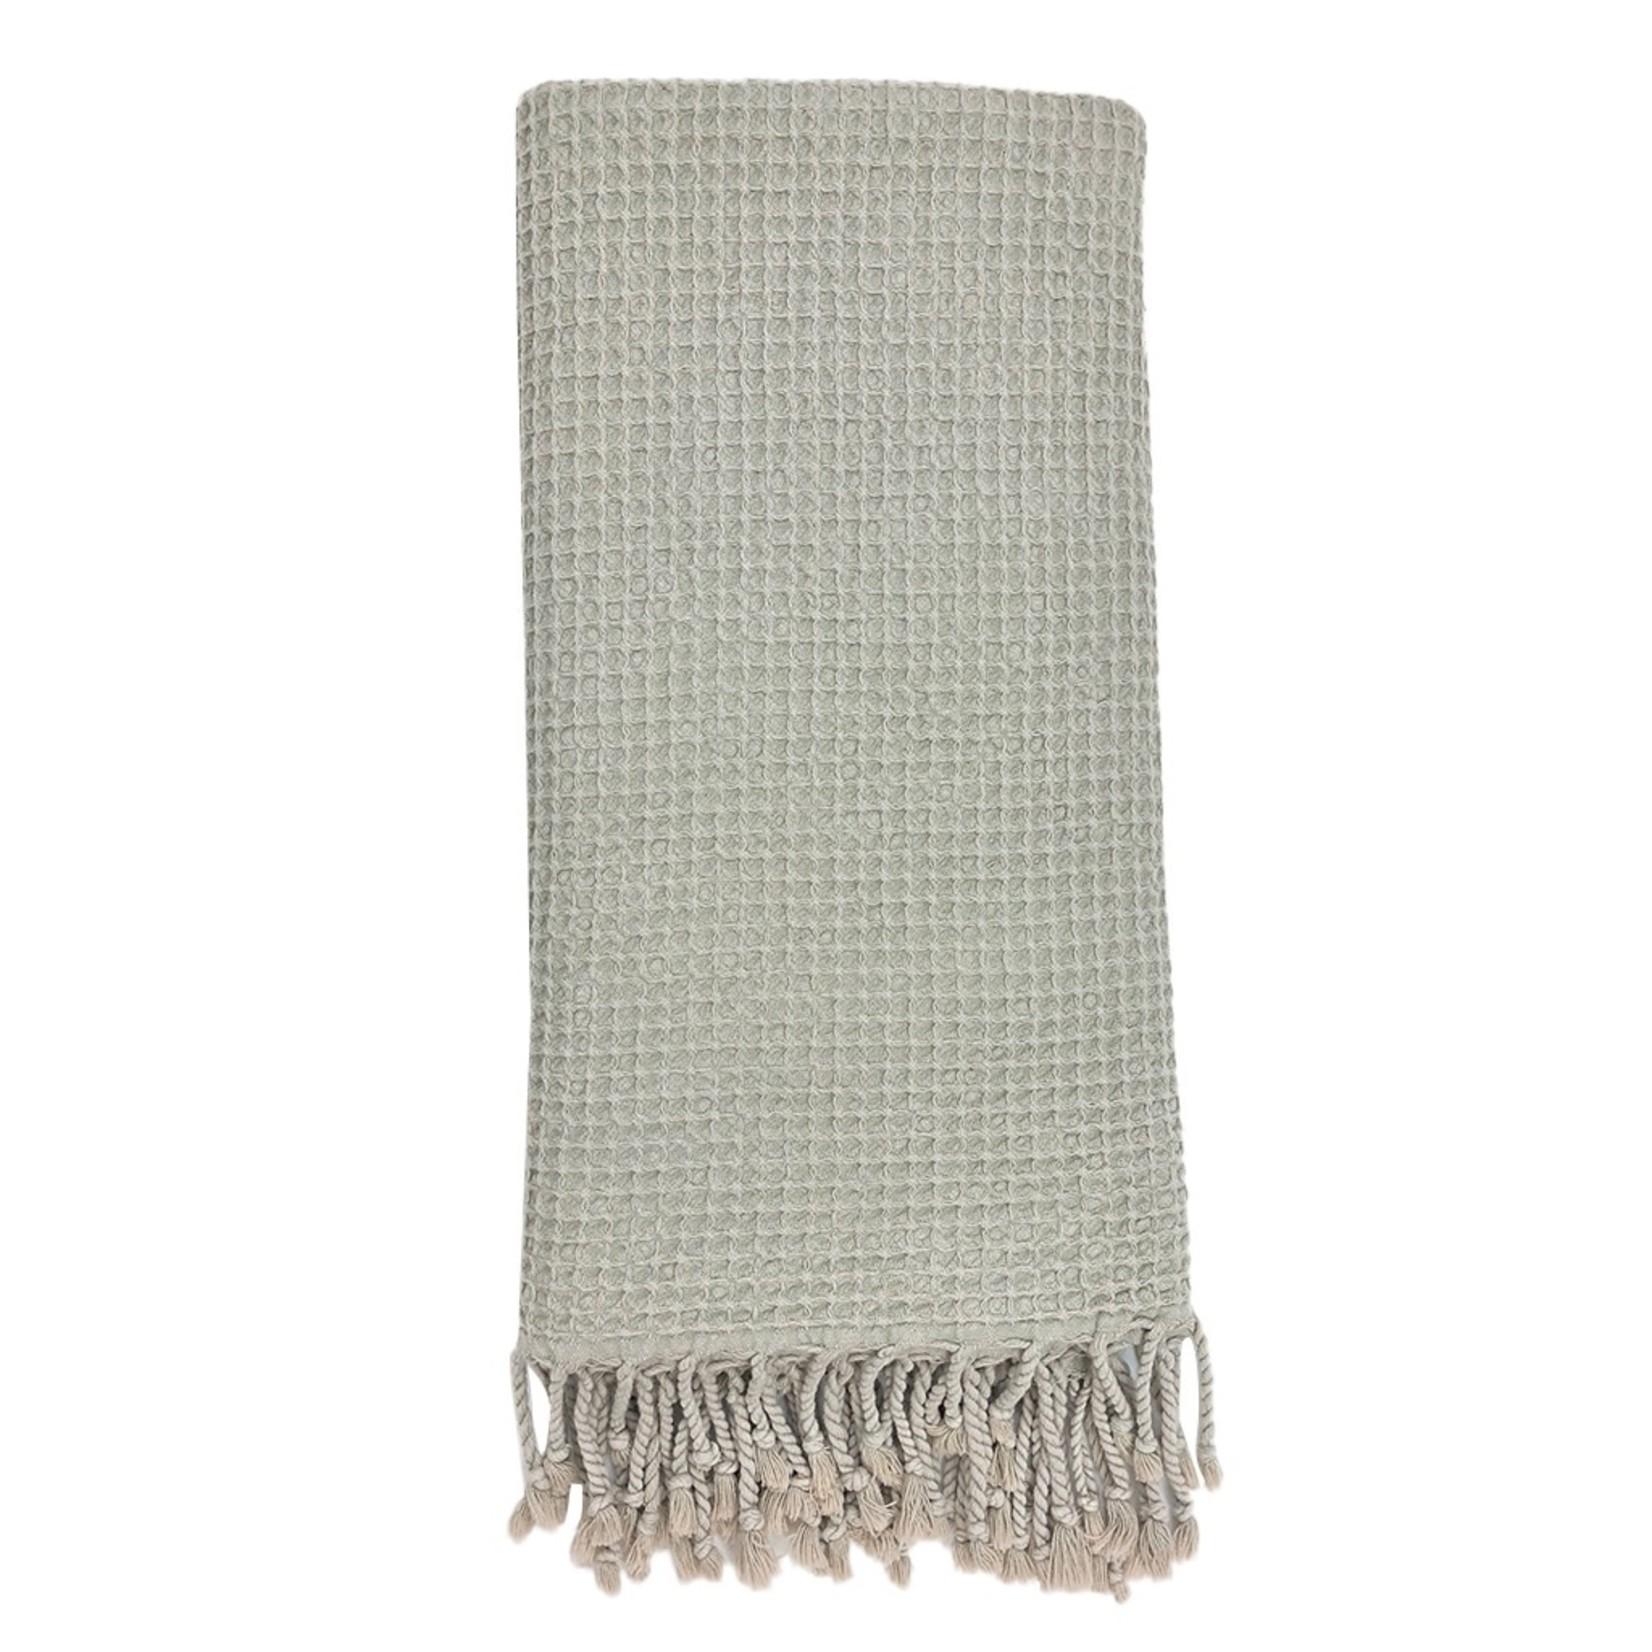 Slate + Salt Slate + Salt Waffle Weave Turkish Towel  Stone